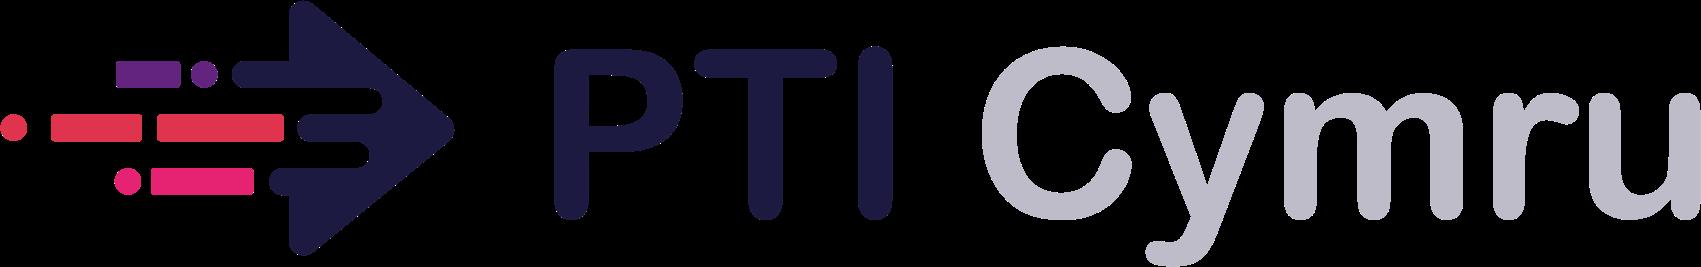 testmonial-partner